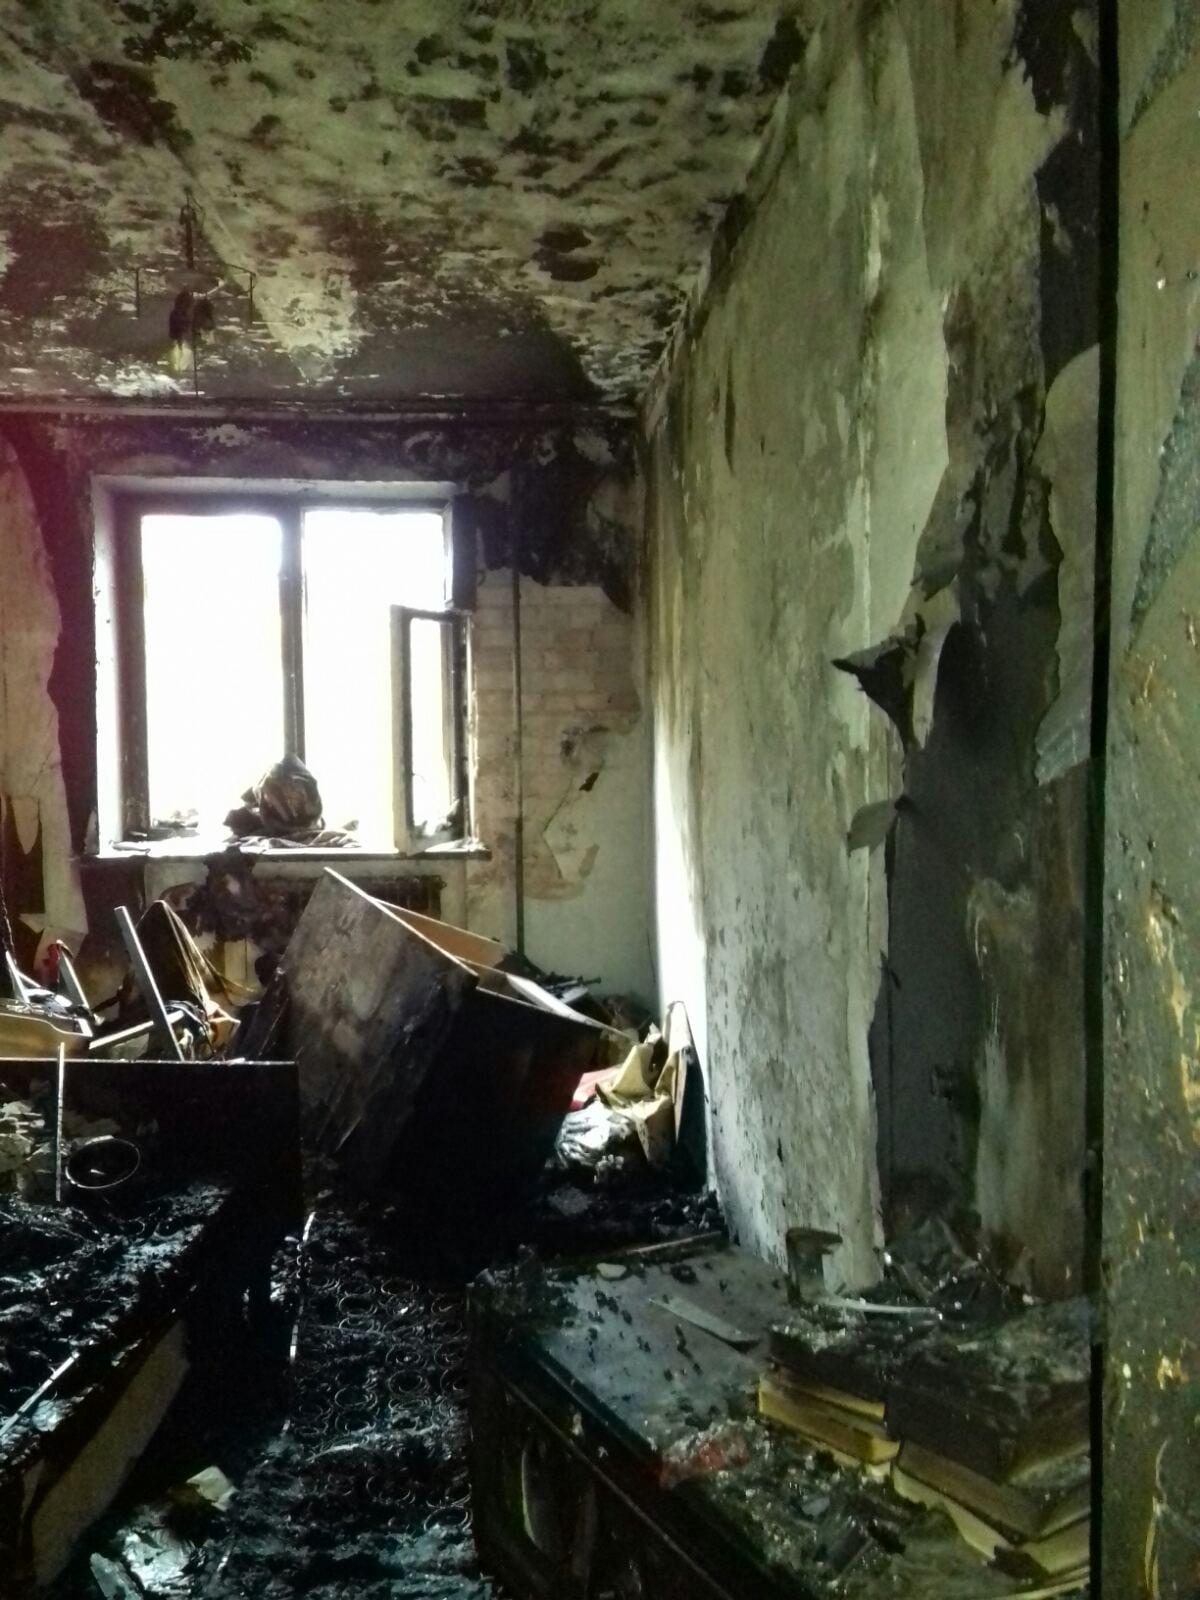 Пожежа у Бучі обернулася трагедією - смерть, пожежники, пожежа будинку, пожежа, Буча - image 2020 11 06 13 15 27